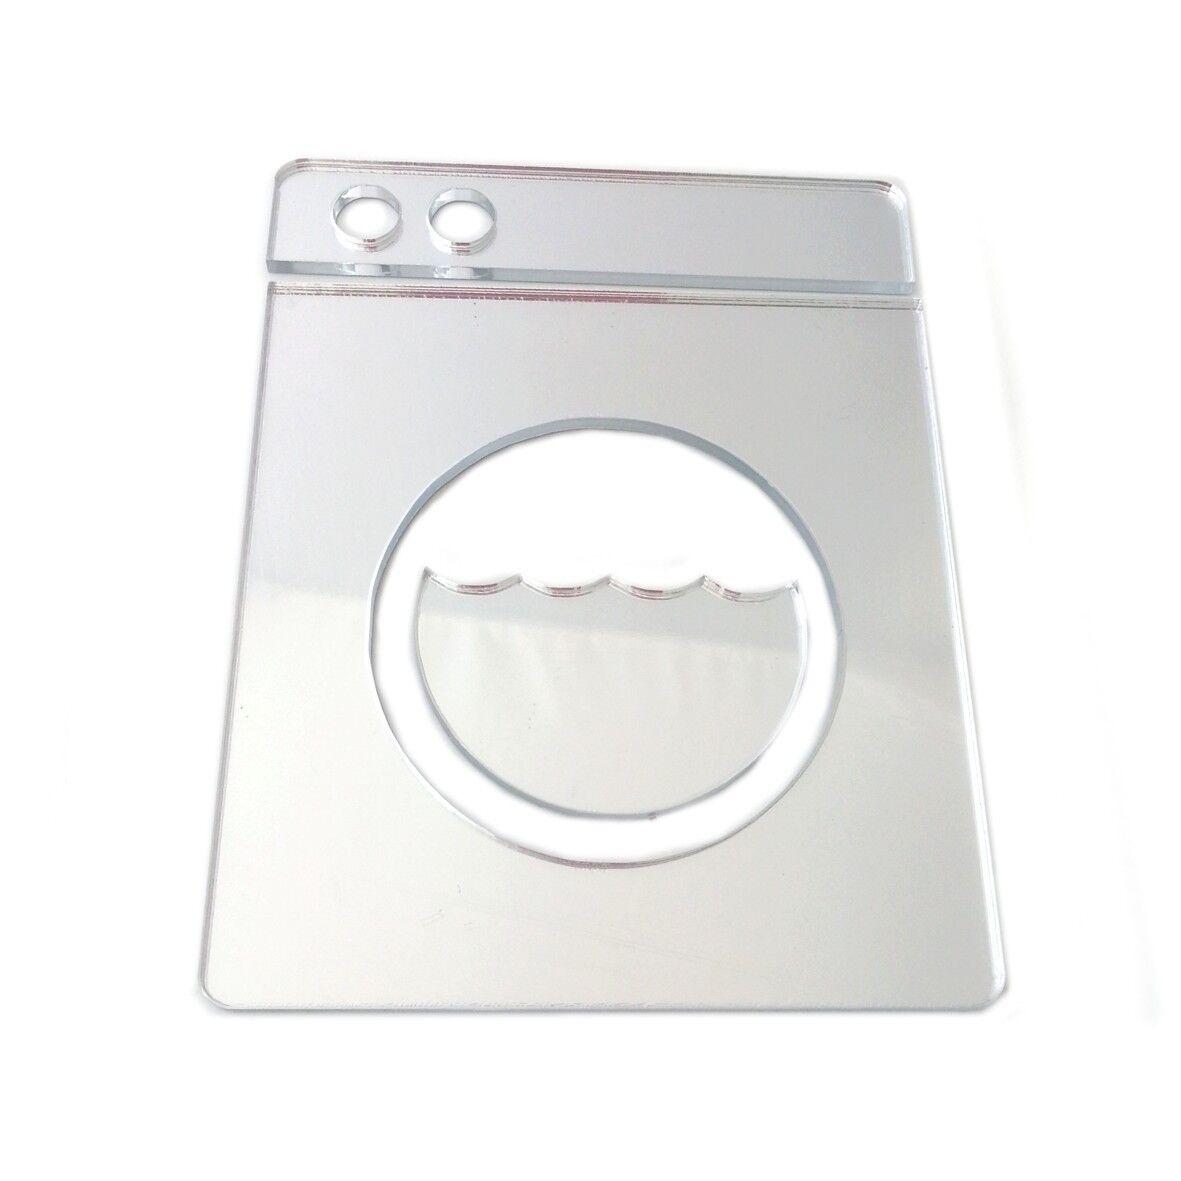 s l1600 - Lavadora Utilidad Letrero Puerta Espejo Acrílico (Varios Tamaños)